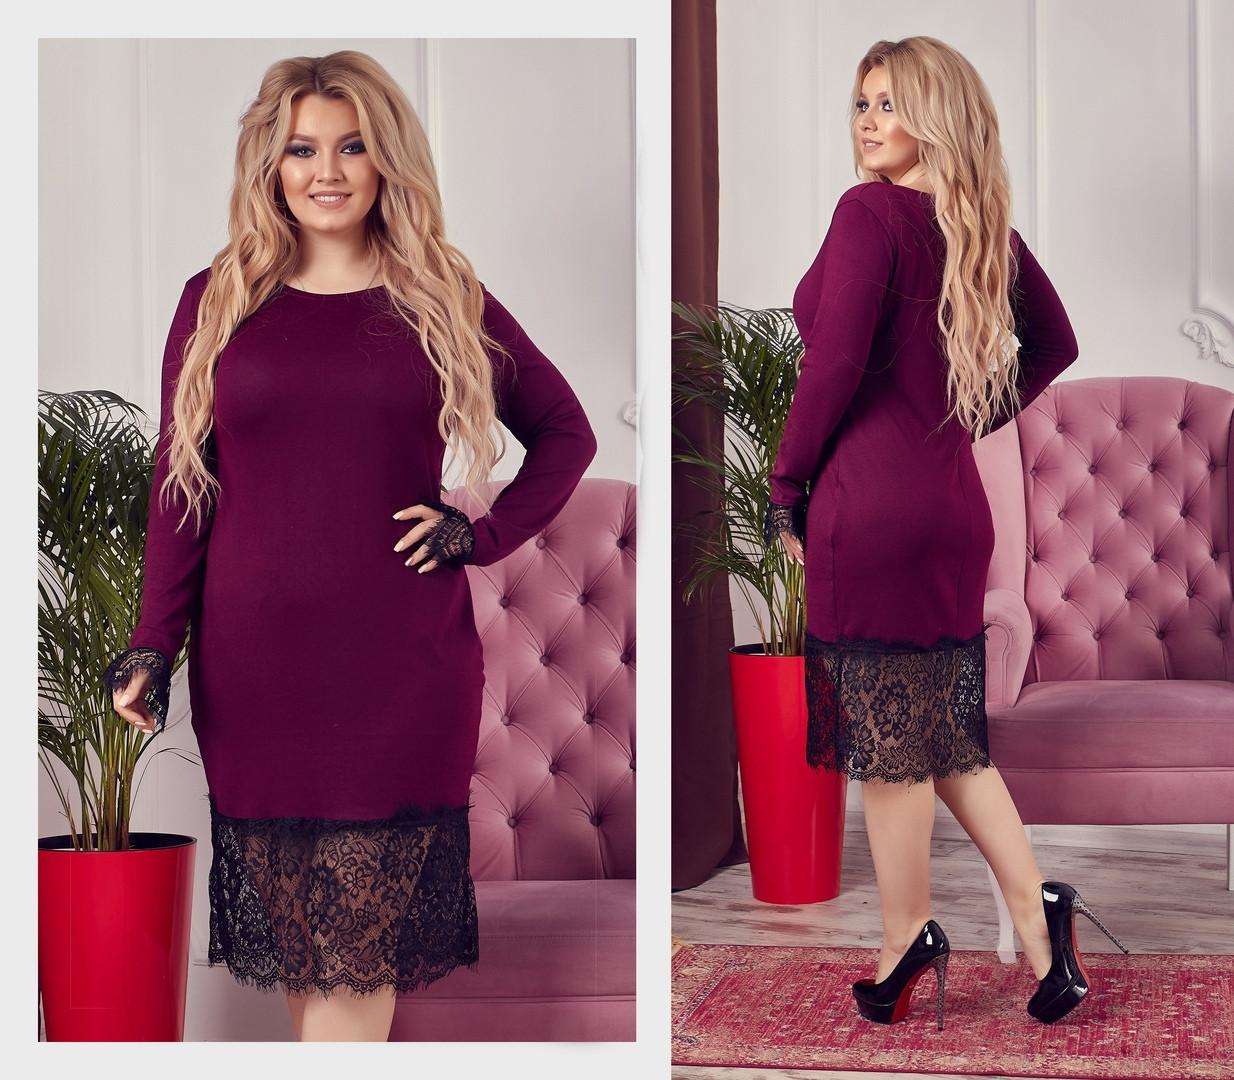 22a724759be Шикарное теплое платье с французким кружевом больших размеров до 58-го -  Стильная женская одежда